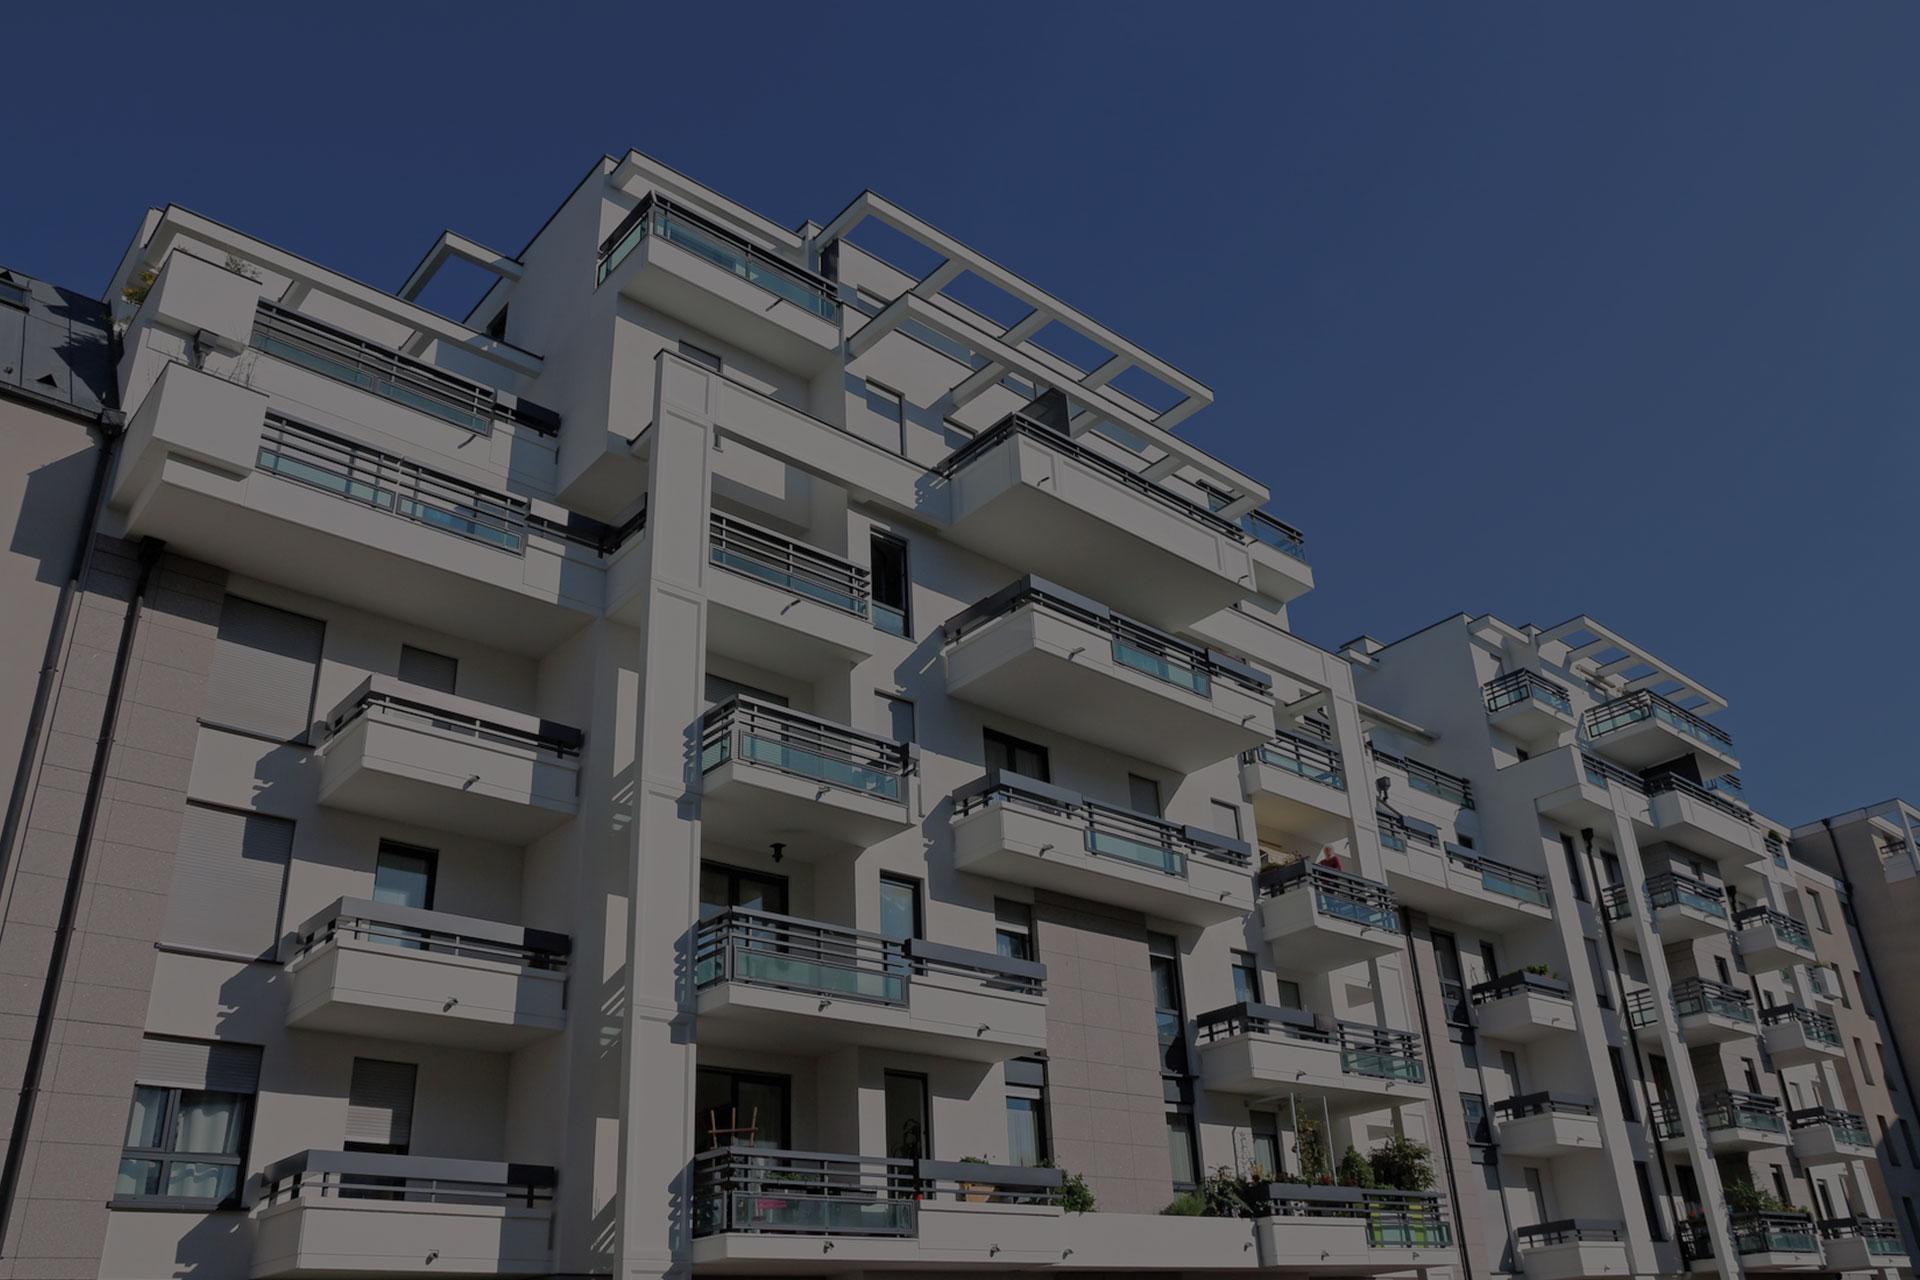 Bâtiment, solutions de construction